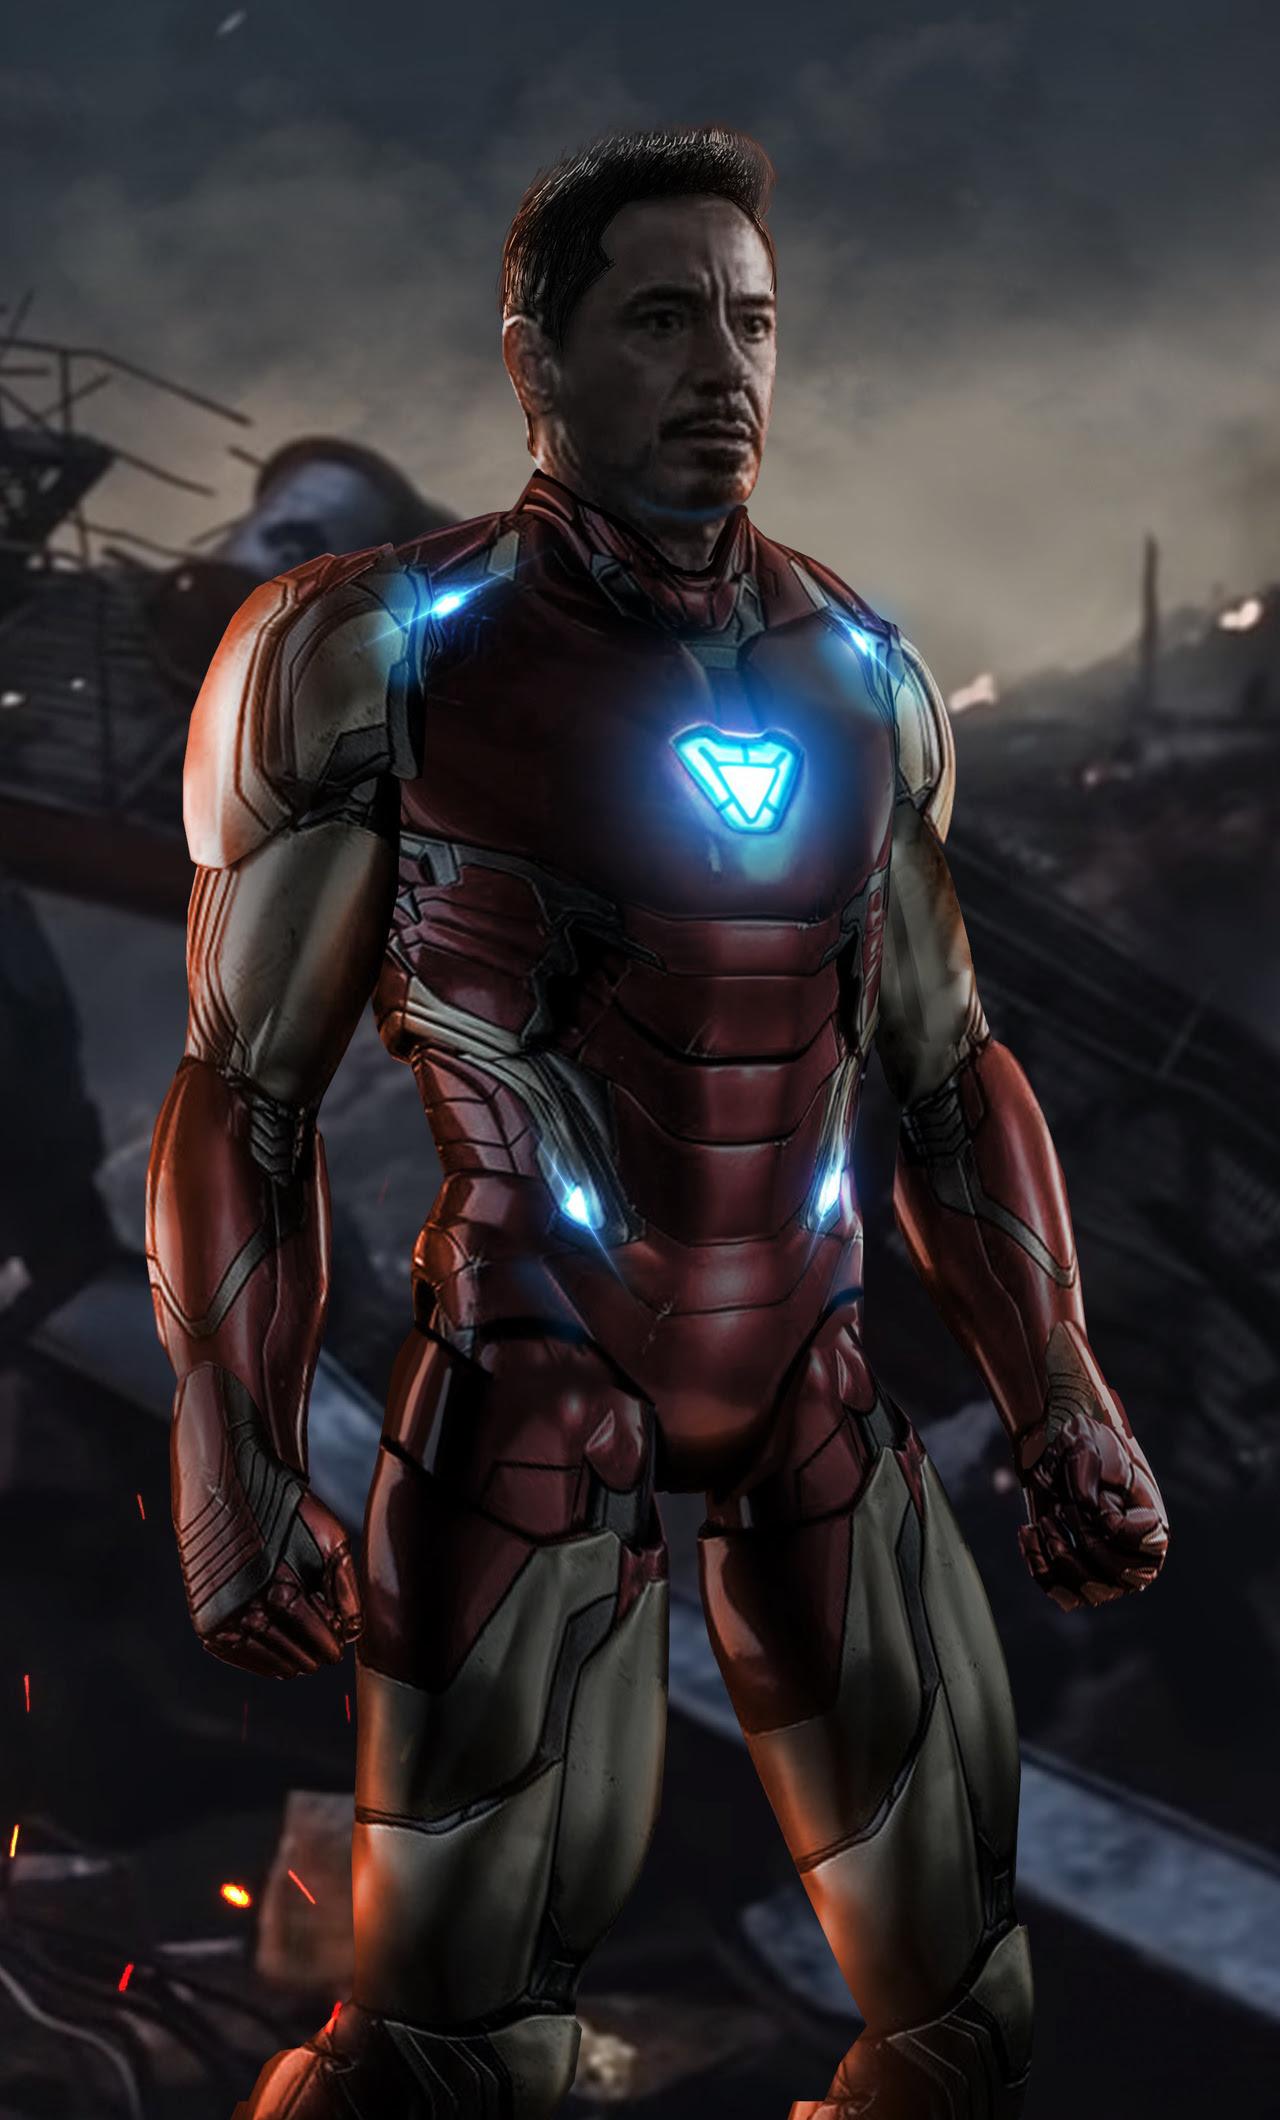 Avengers Endgame Iron Man Iphone Wallpaper Zendha